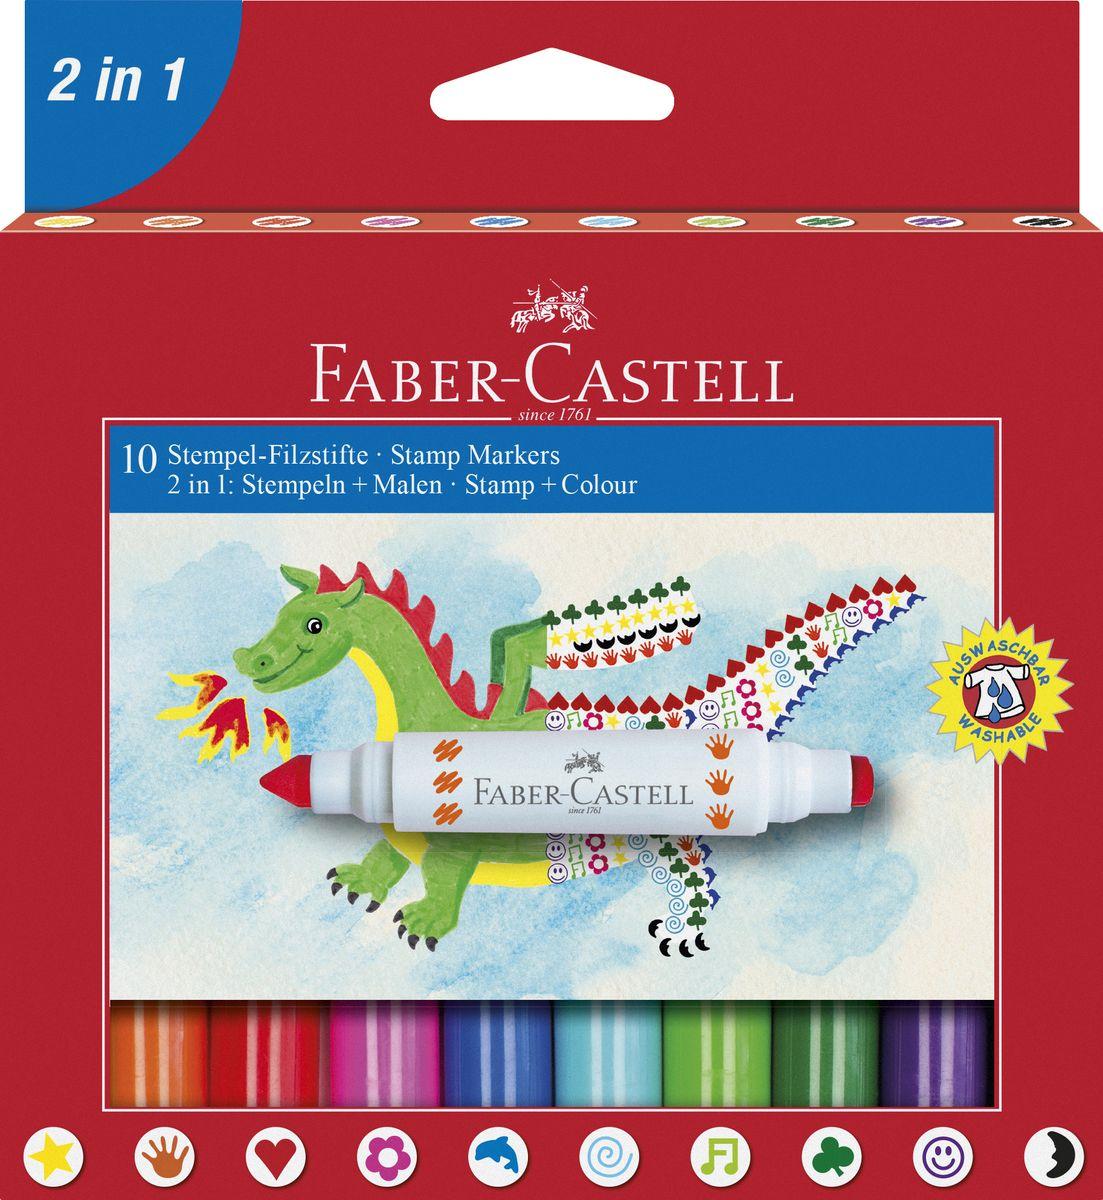 Faber-Castell Фломастеры-штампы 10 цветов72523WDУникальные фломастеры-штампы Faber-Castell помогут маленькому художнику раскрыть свой творческий потенциал, рисовать и раскрашивать яркие картинки, развивая воображение, мелкую моторику и цветовосприятие. В наборе 10 разноцветных фломастеров, с одной стороны которых расположен цветной наконечник, а с другой - штамп того же цвета. Все штампы имеют разные рисунки. Корпусы выполнены из пластика. Чернила на водной основе окрашены с использованием пищевых красителей, благодаря чему они полностью безопасны для ребенка и имеют яркие, насыщенные цвета. Если маленький художник запачкался - не беда, ведь фломастеры отстирываются с большинства тканей. Вентилируемый колпачок надолго сохранит яркость цветов.